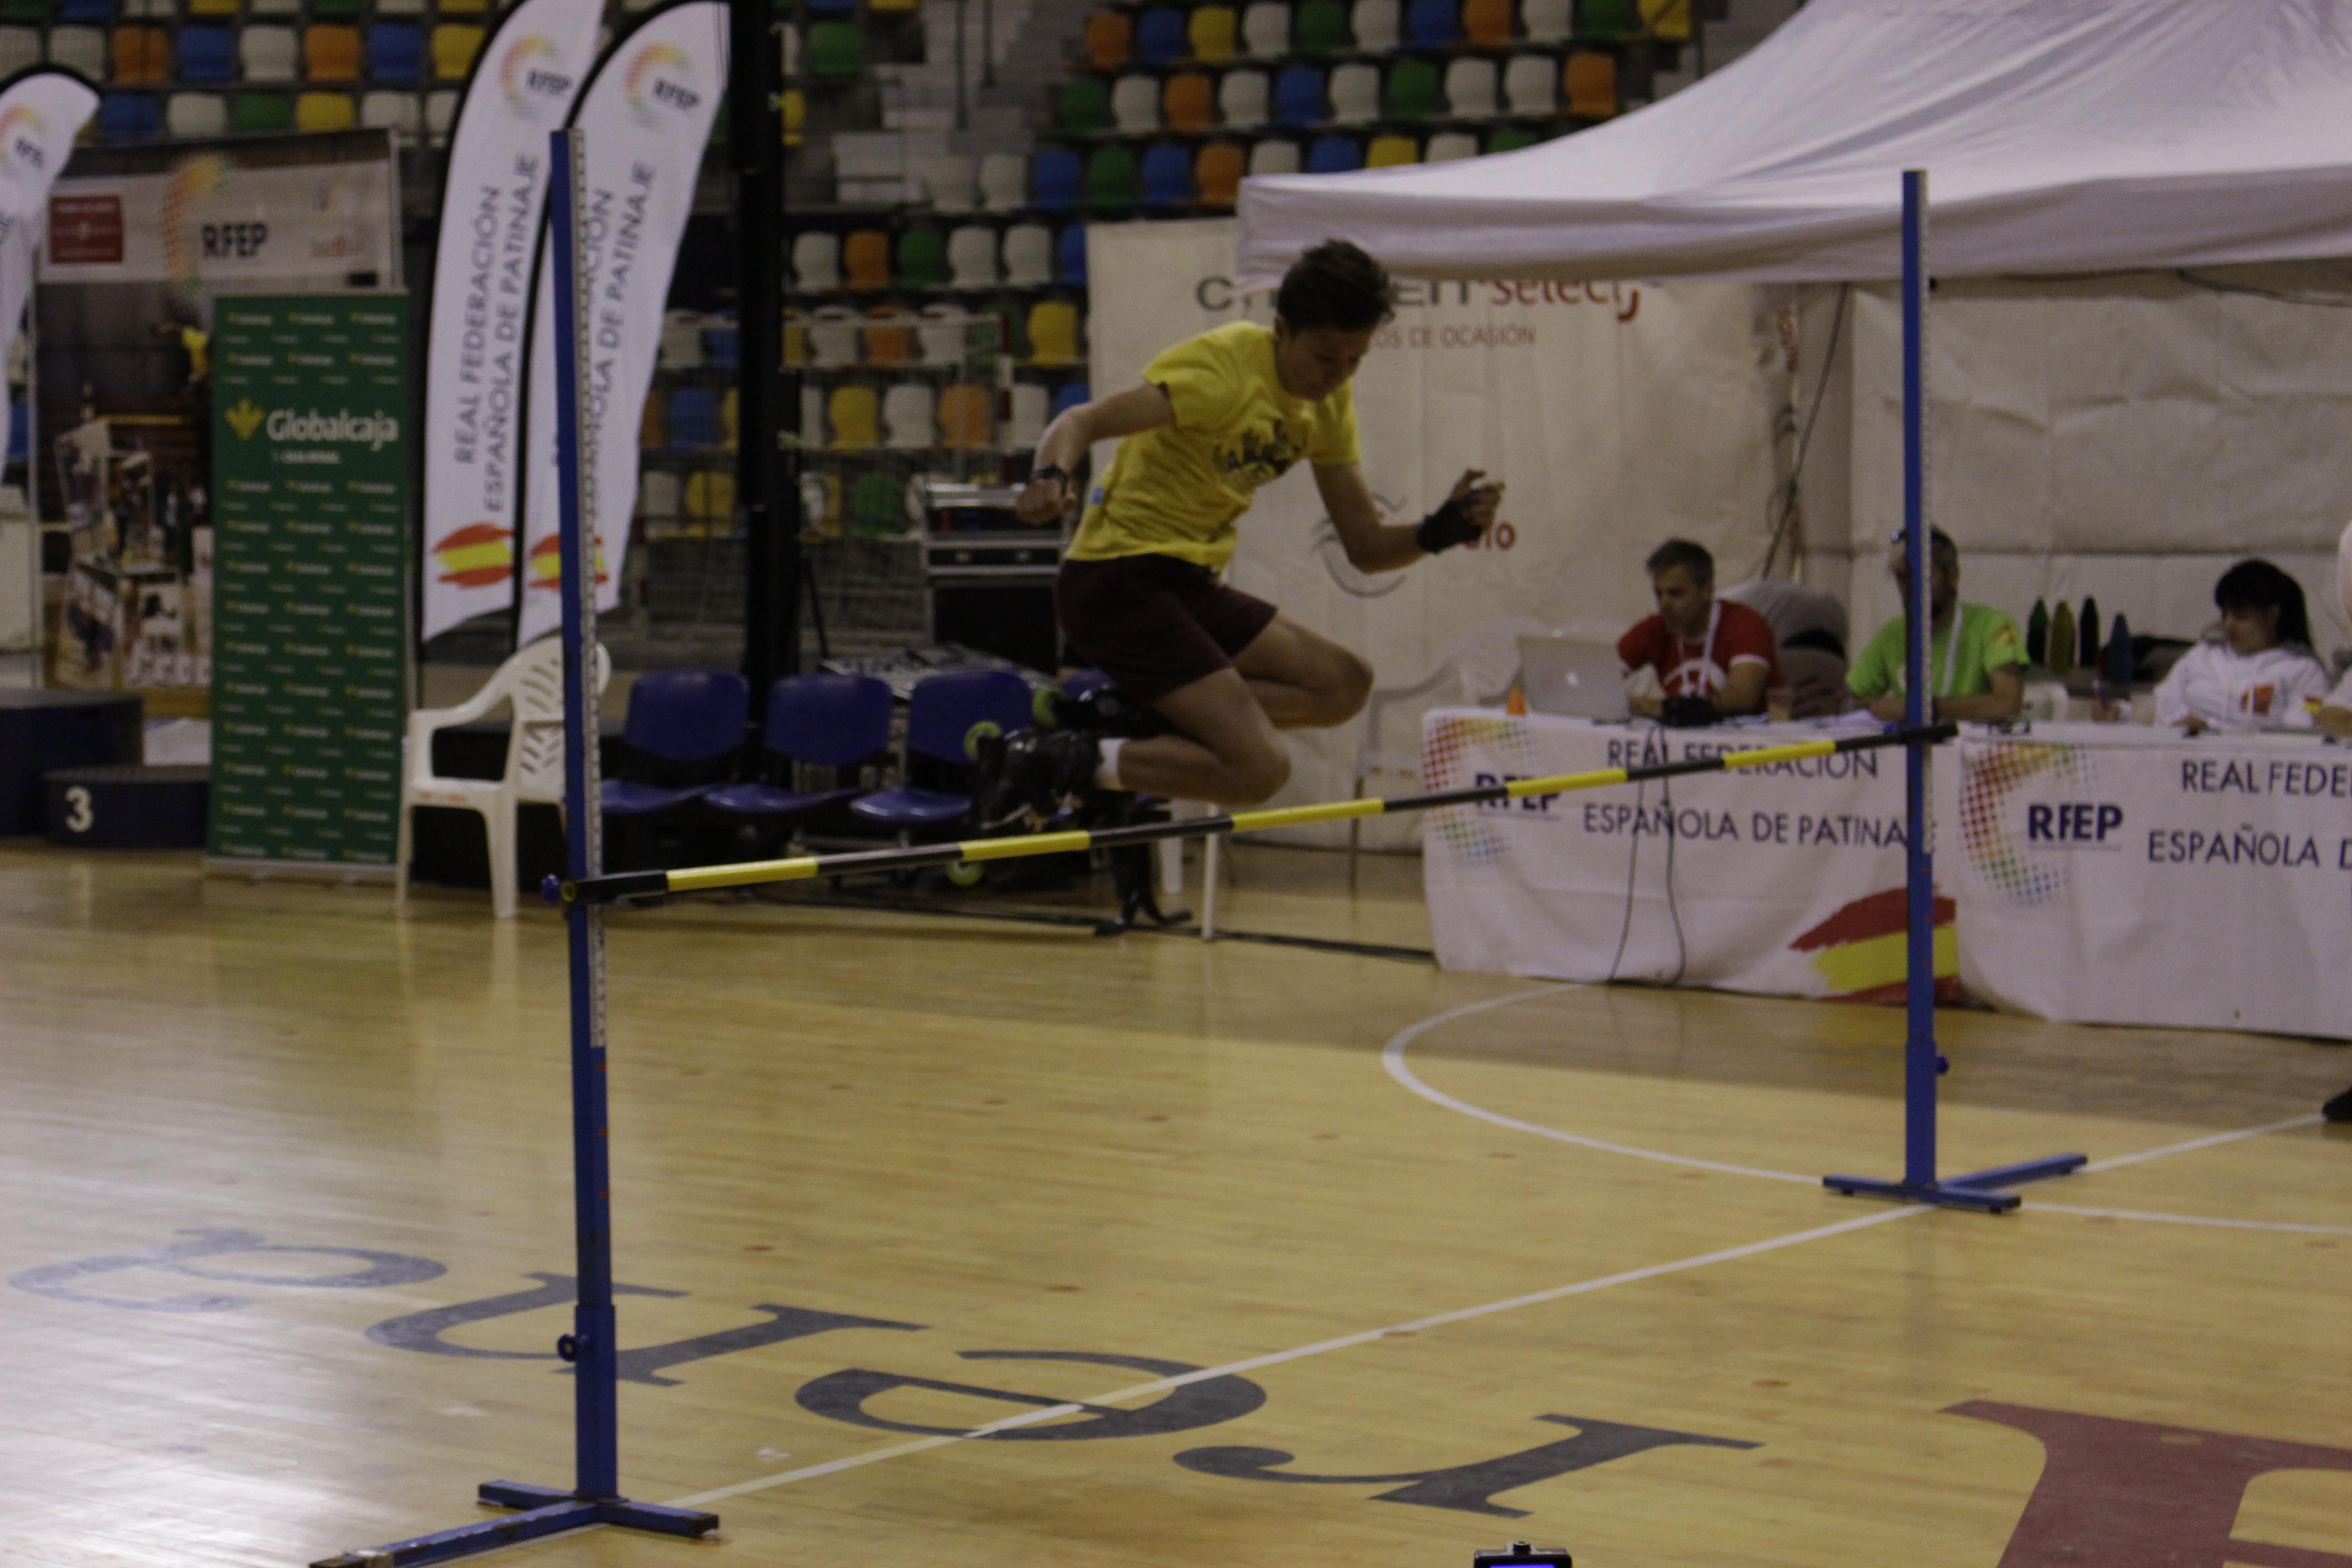 Resultados Campeonato Nacional Freestyle 2019